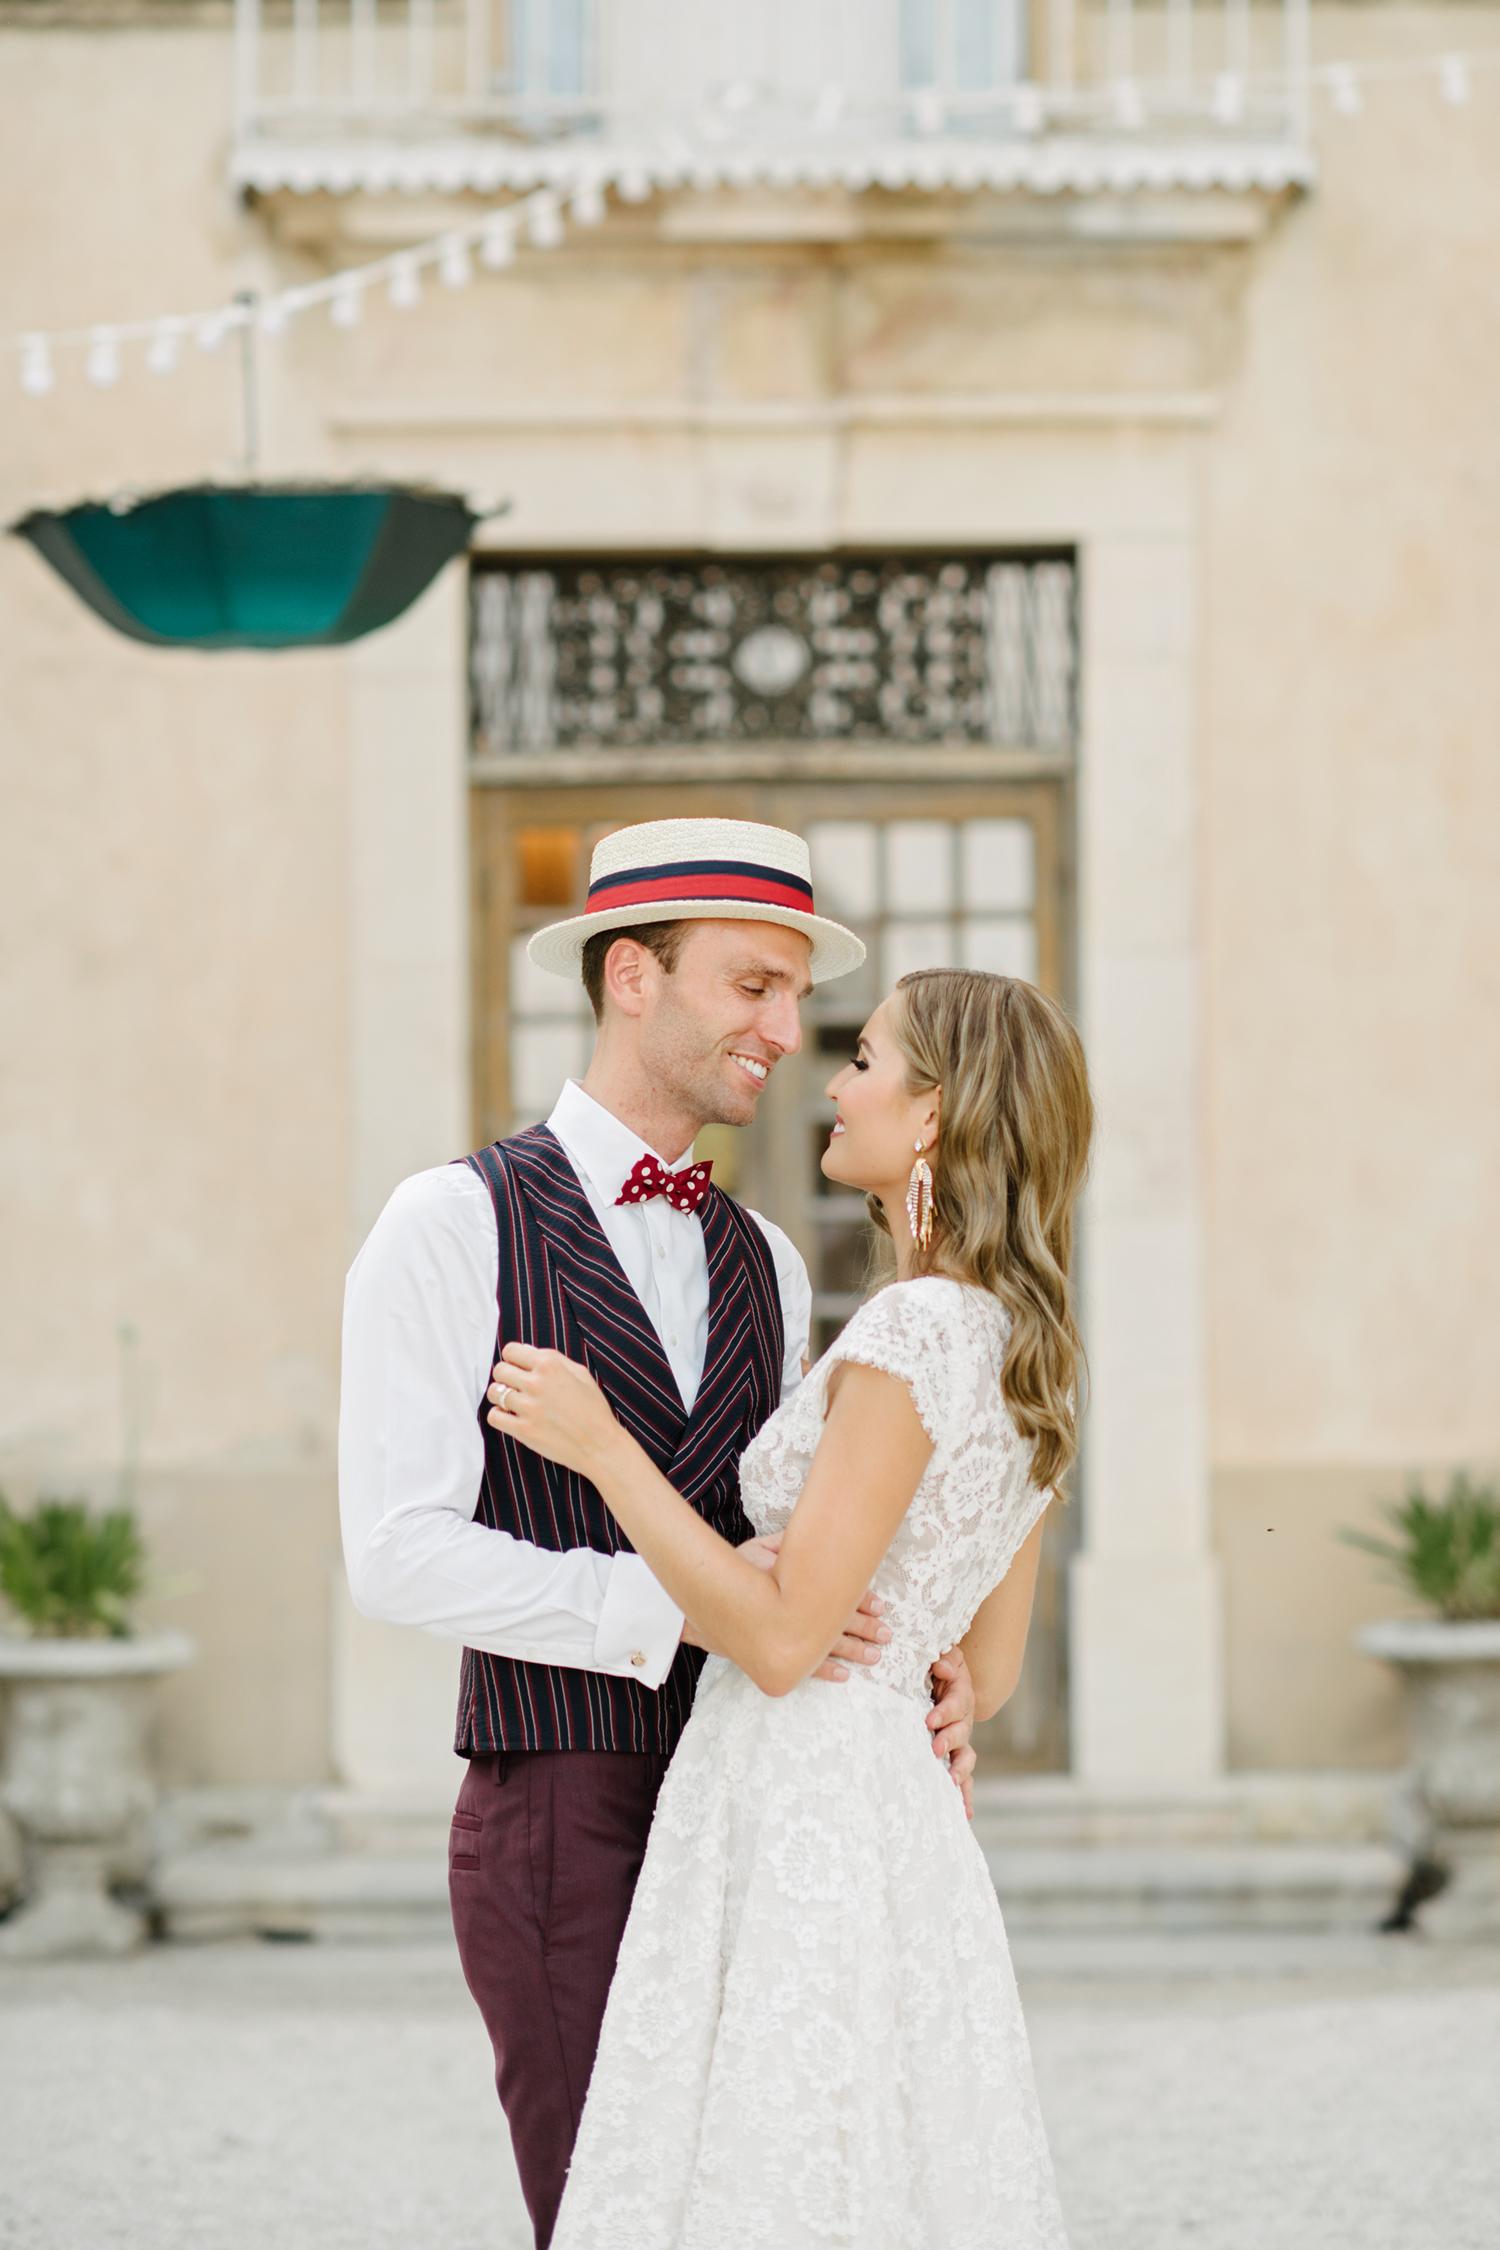 Chateau-Robernier-Wedding-Photography-0032.jpg